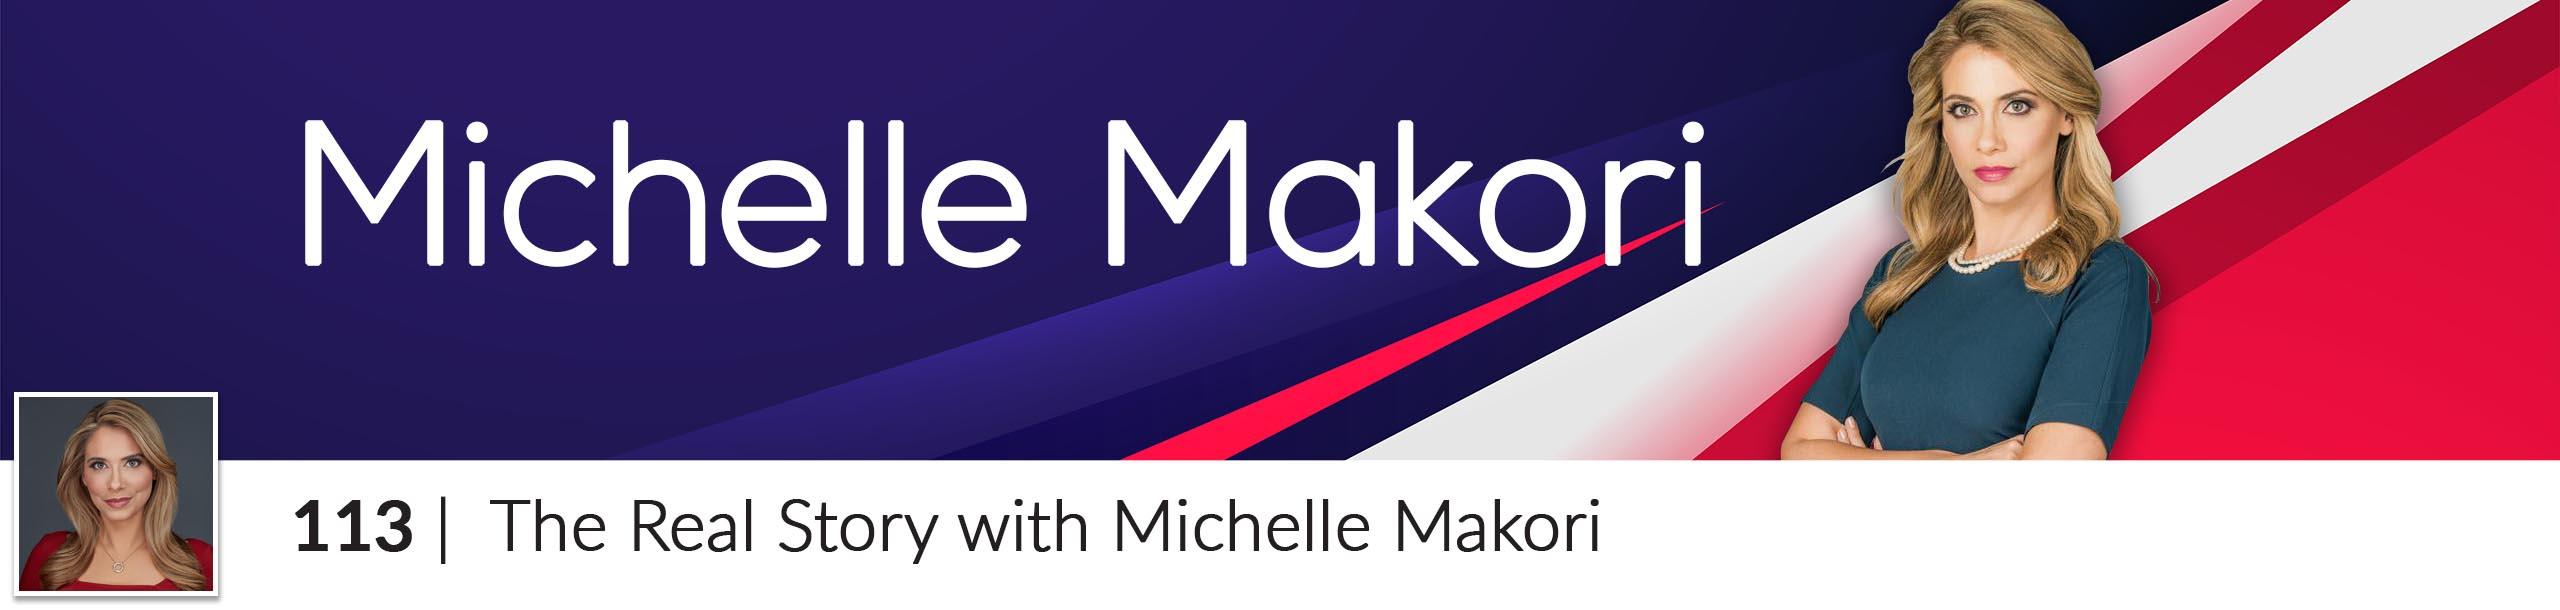 MichelleMakori-header1